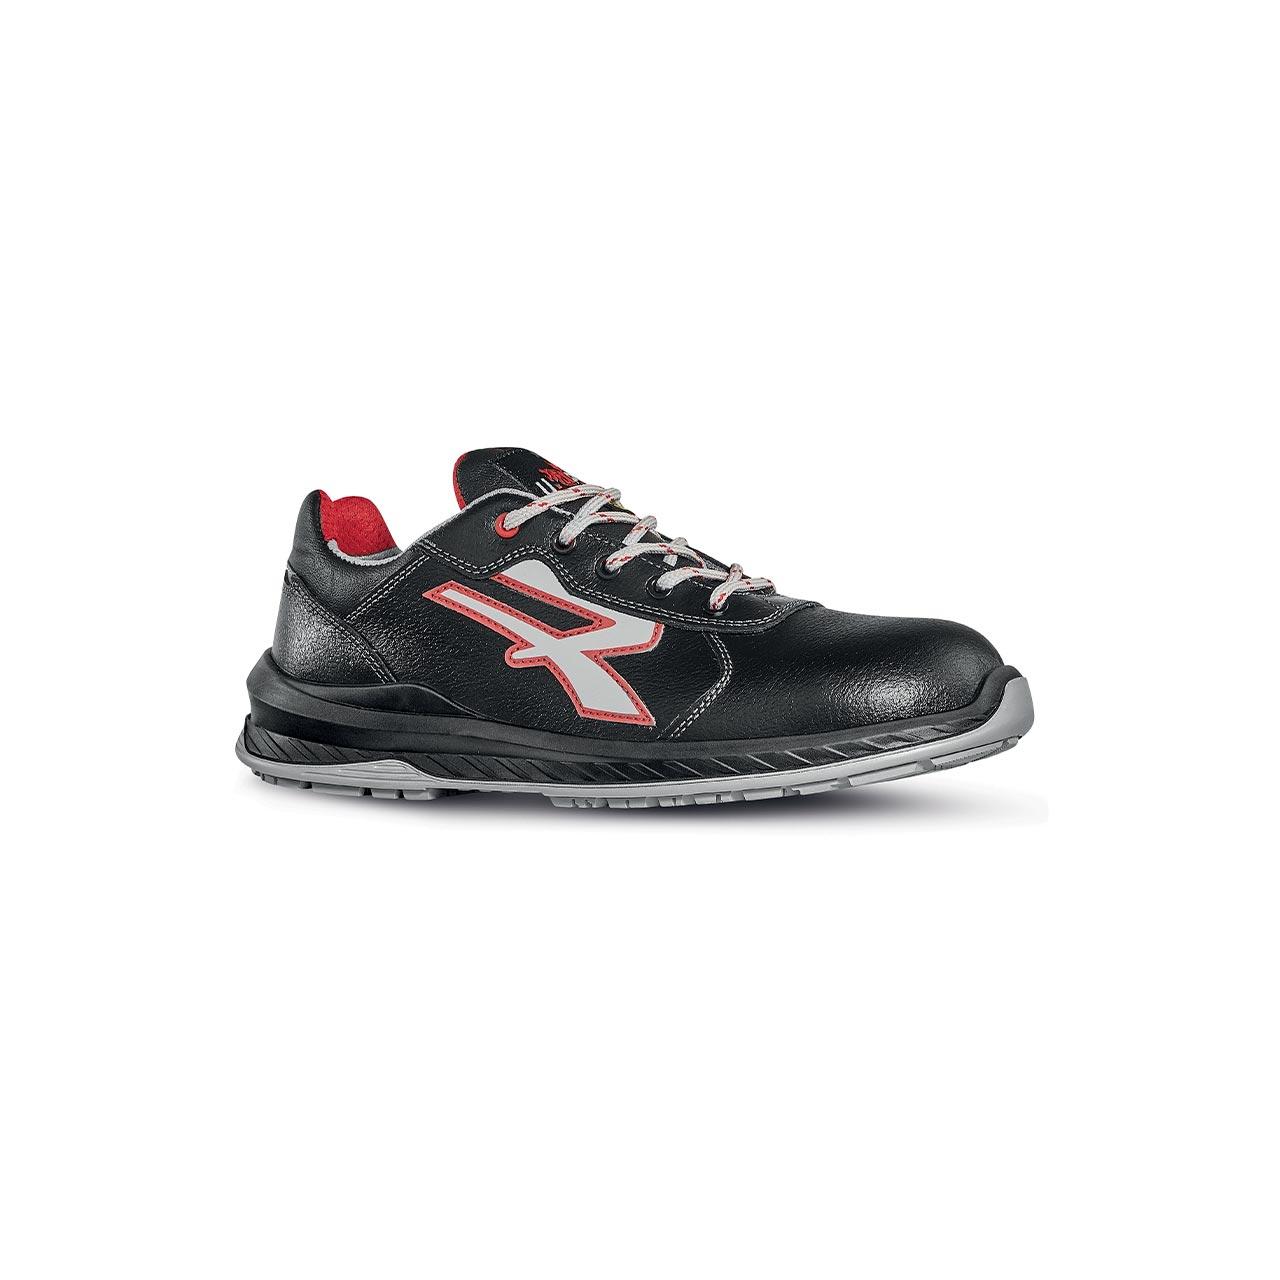 scarpa antinfortunistica upower modello parigi linea redindustry vista laterale